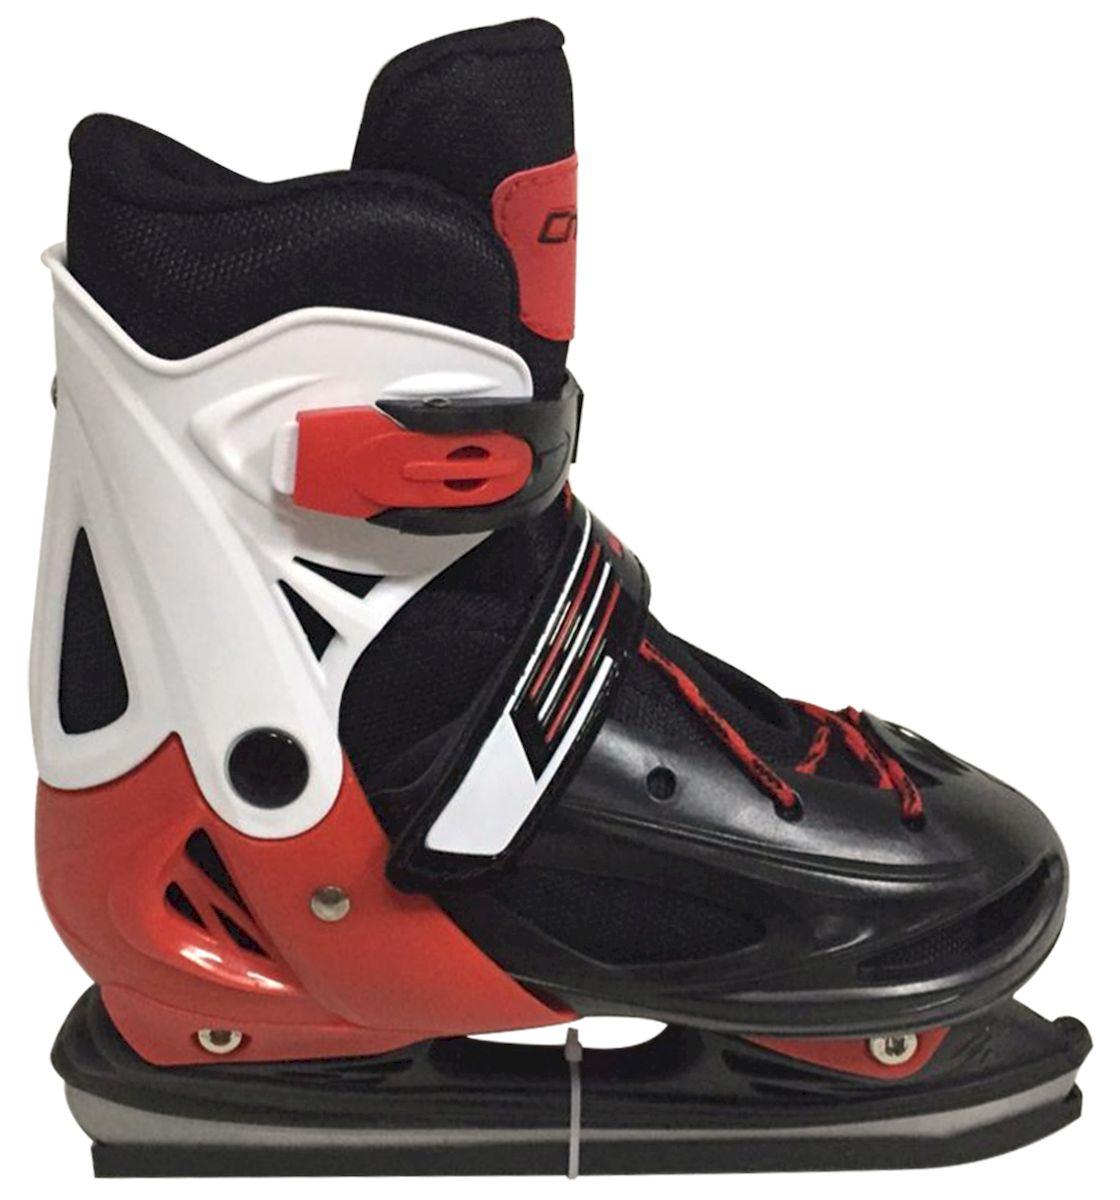 Коньки ледовые Ice Blade Charlie, раздвижные, цвет: черный, красный, белый. УТ-00009120. Размер S (30/33)